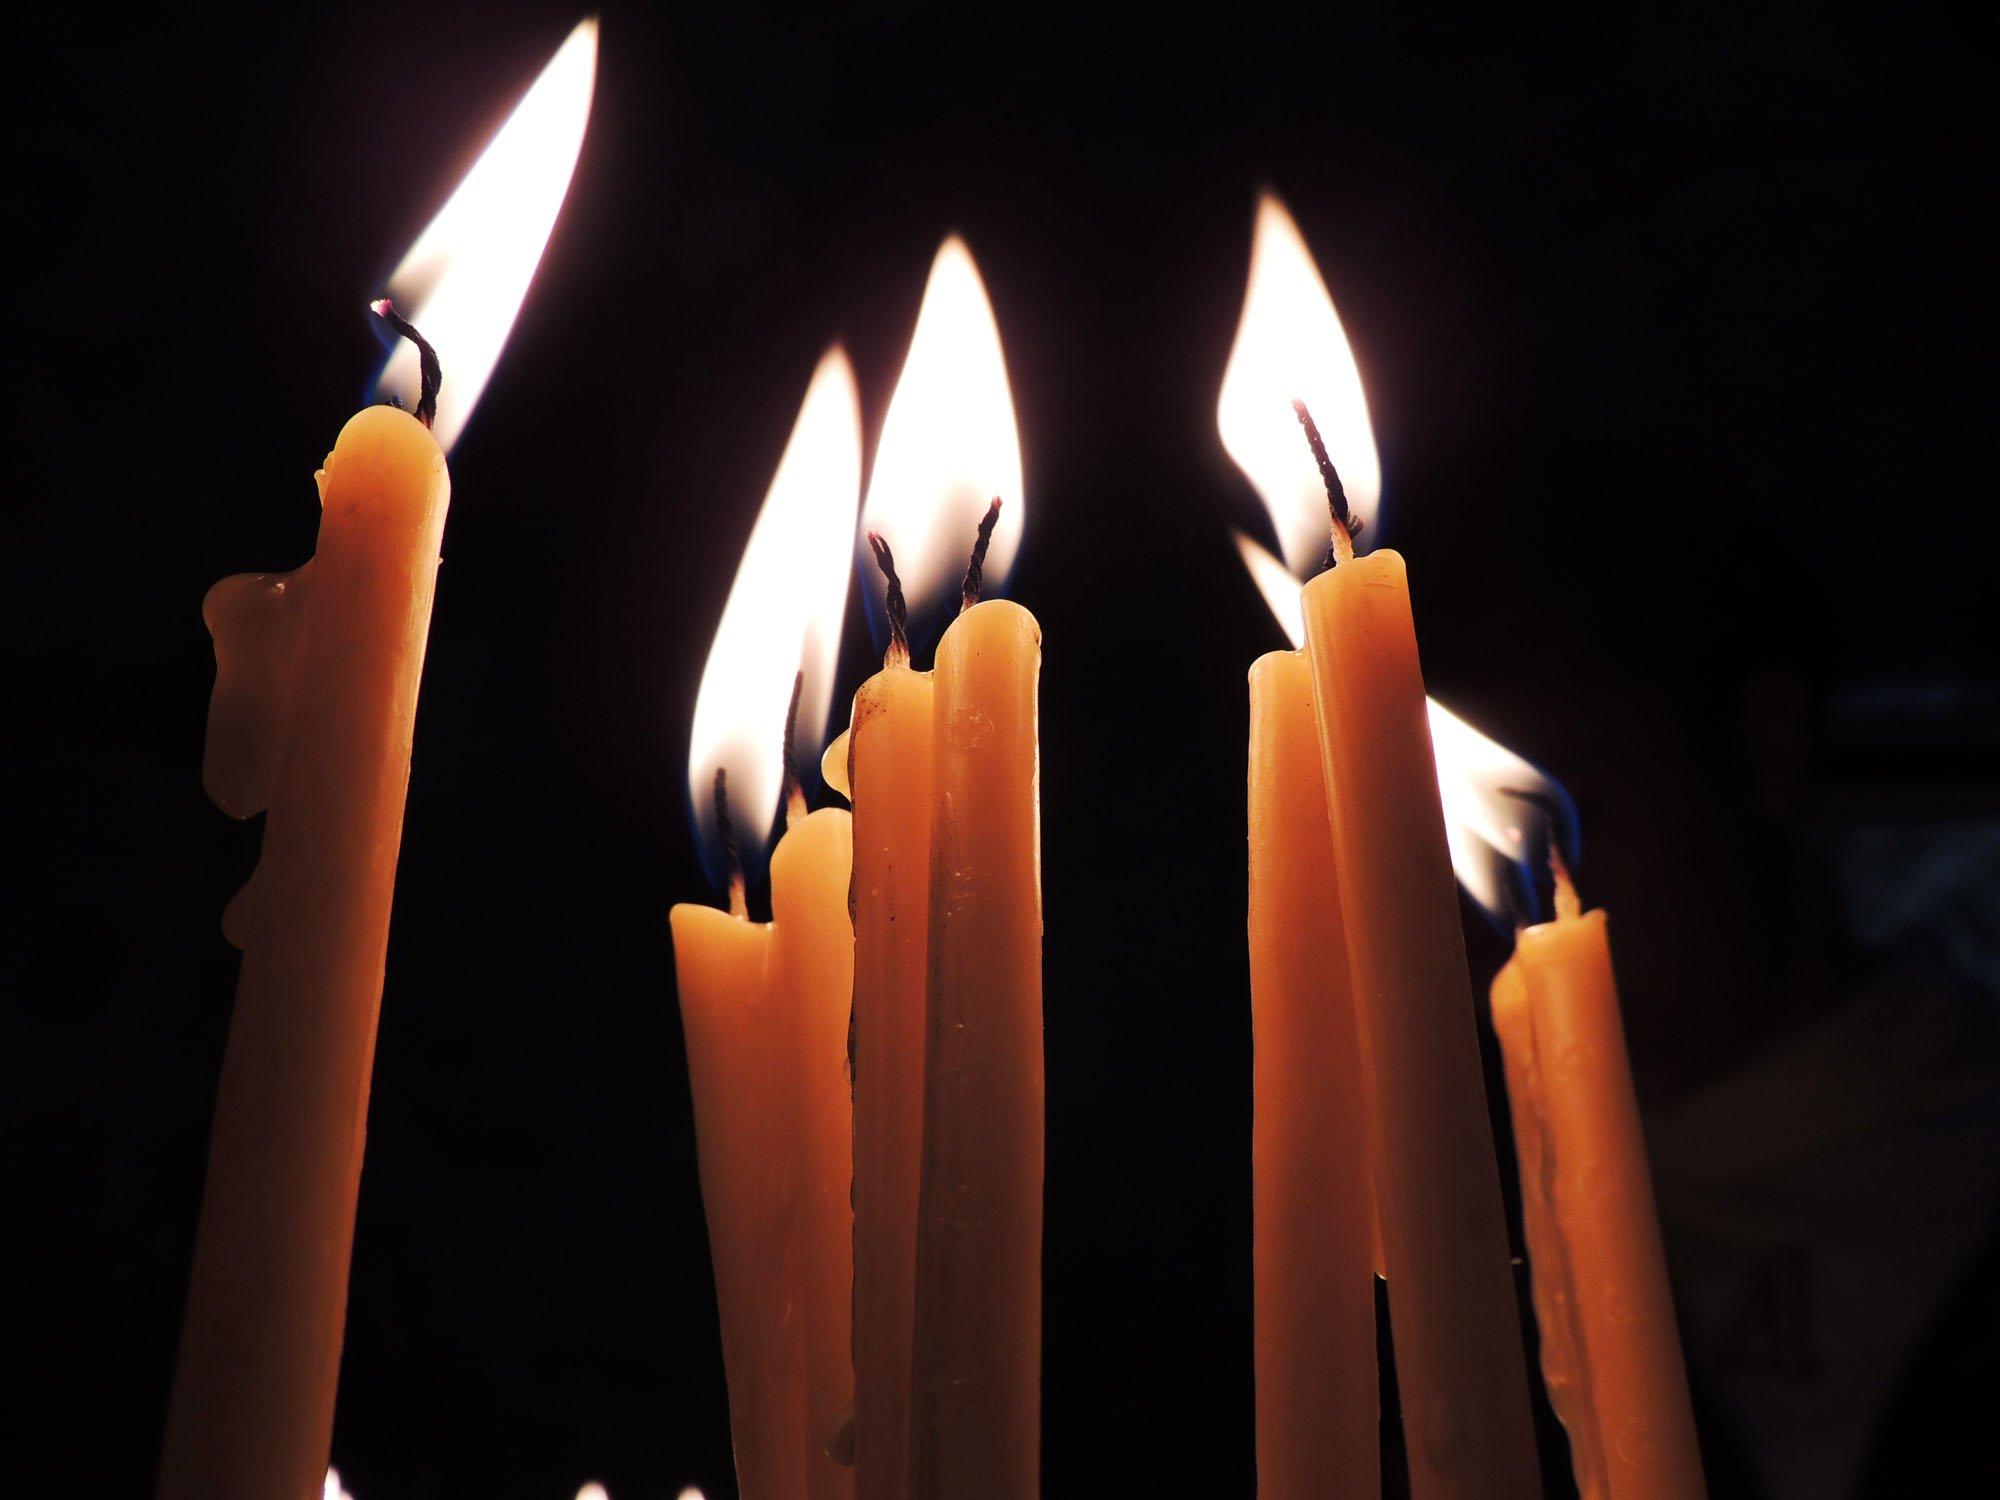 Заговор на привлечение больших денег с помощью свечей